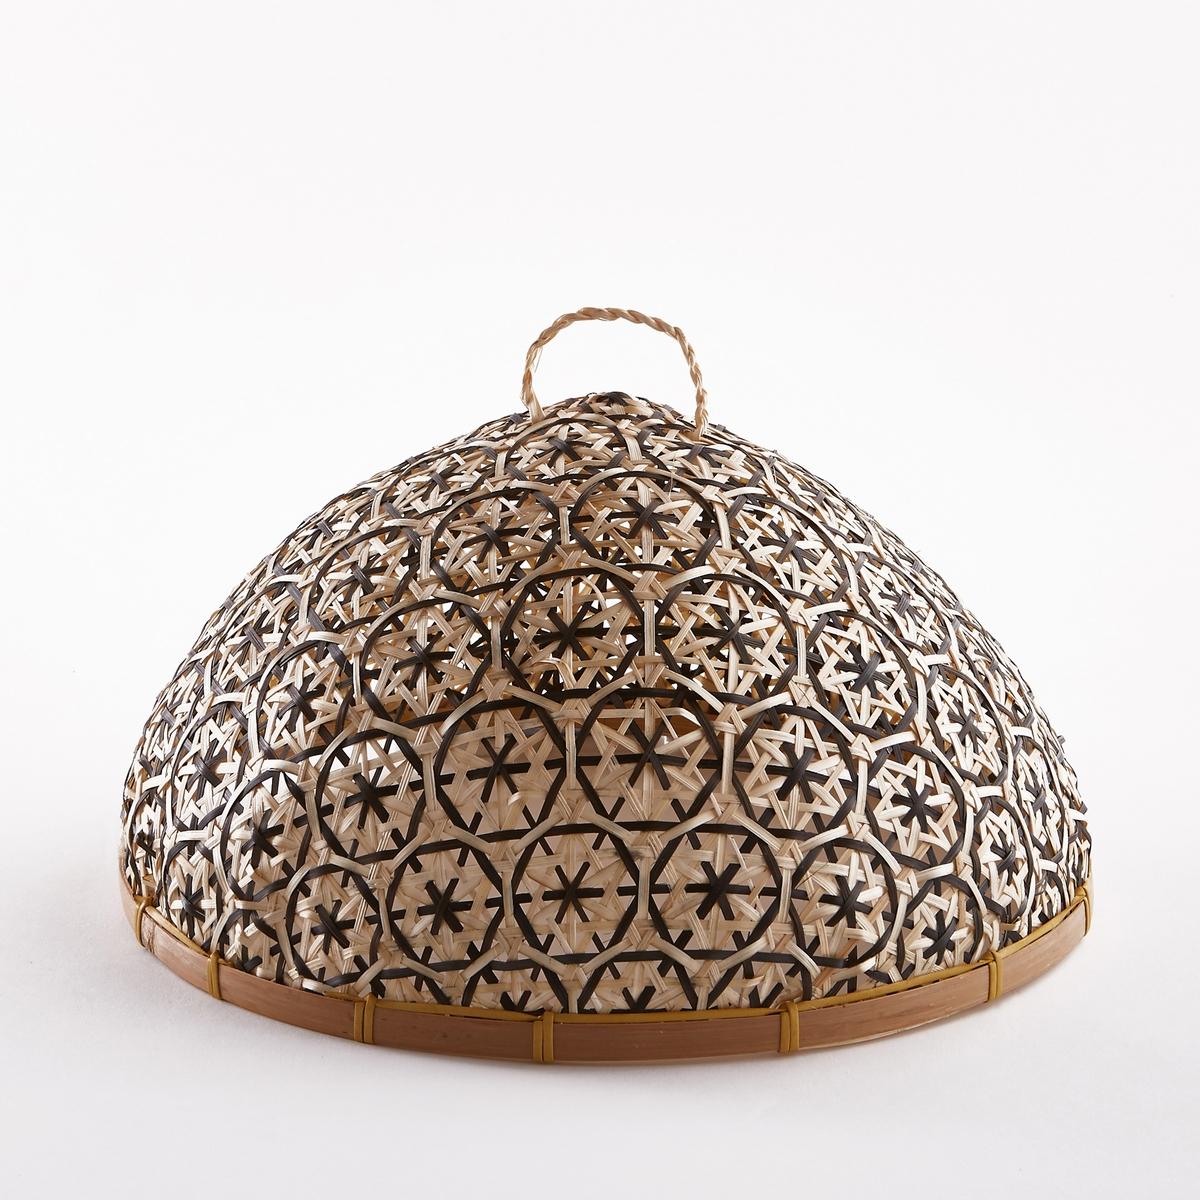 Колпак сырный IacoboСырный колпак Iacobo. Практичный и красивый как снаружи, так и внутри сырный колпак защитит Ваш сыр и другие продукты от насекомых. Красивое плетение ручной работы из натурального бамбука. Размеры  : ?31 x В19 см.<br><br>Цвет: бежевый/разноцветный,бежевый/черный<br>Размер: единый размер.единый размер